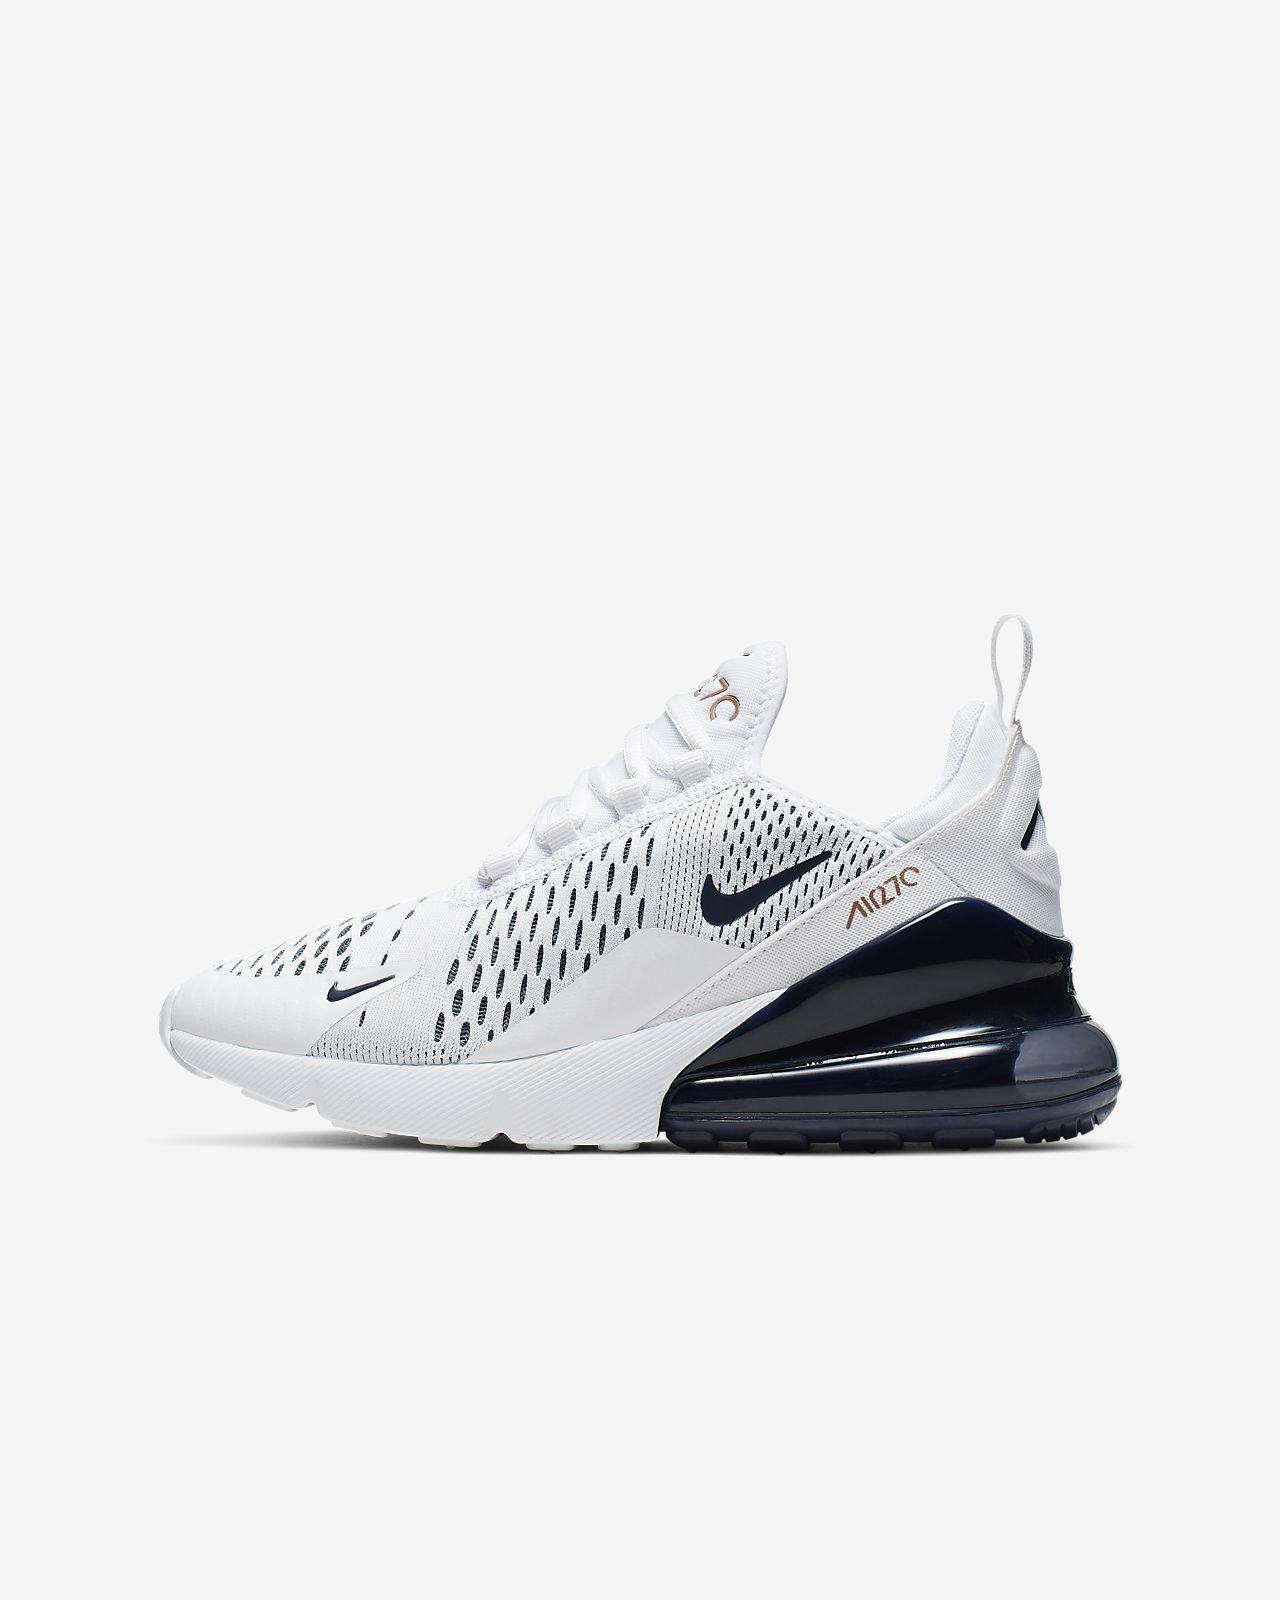 Nike Air Max 270 chaussures enfants noir